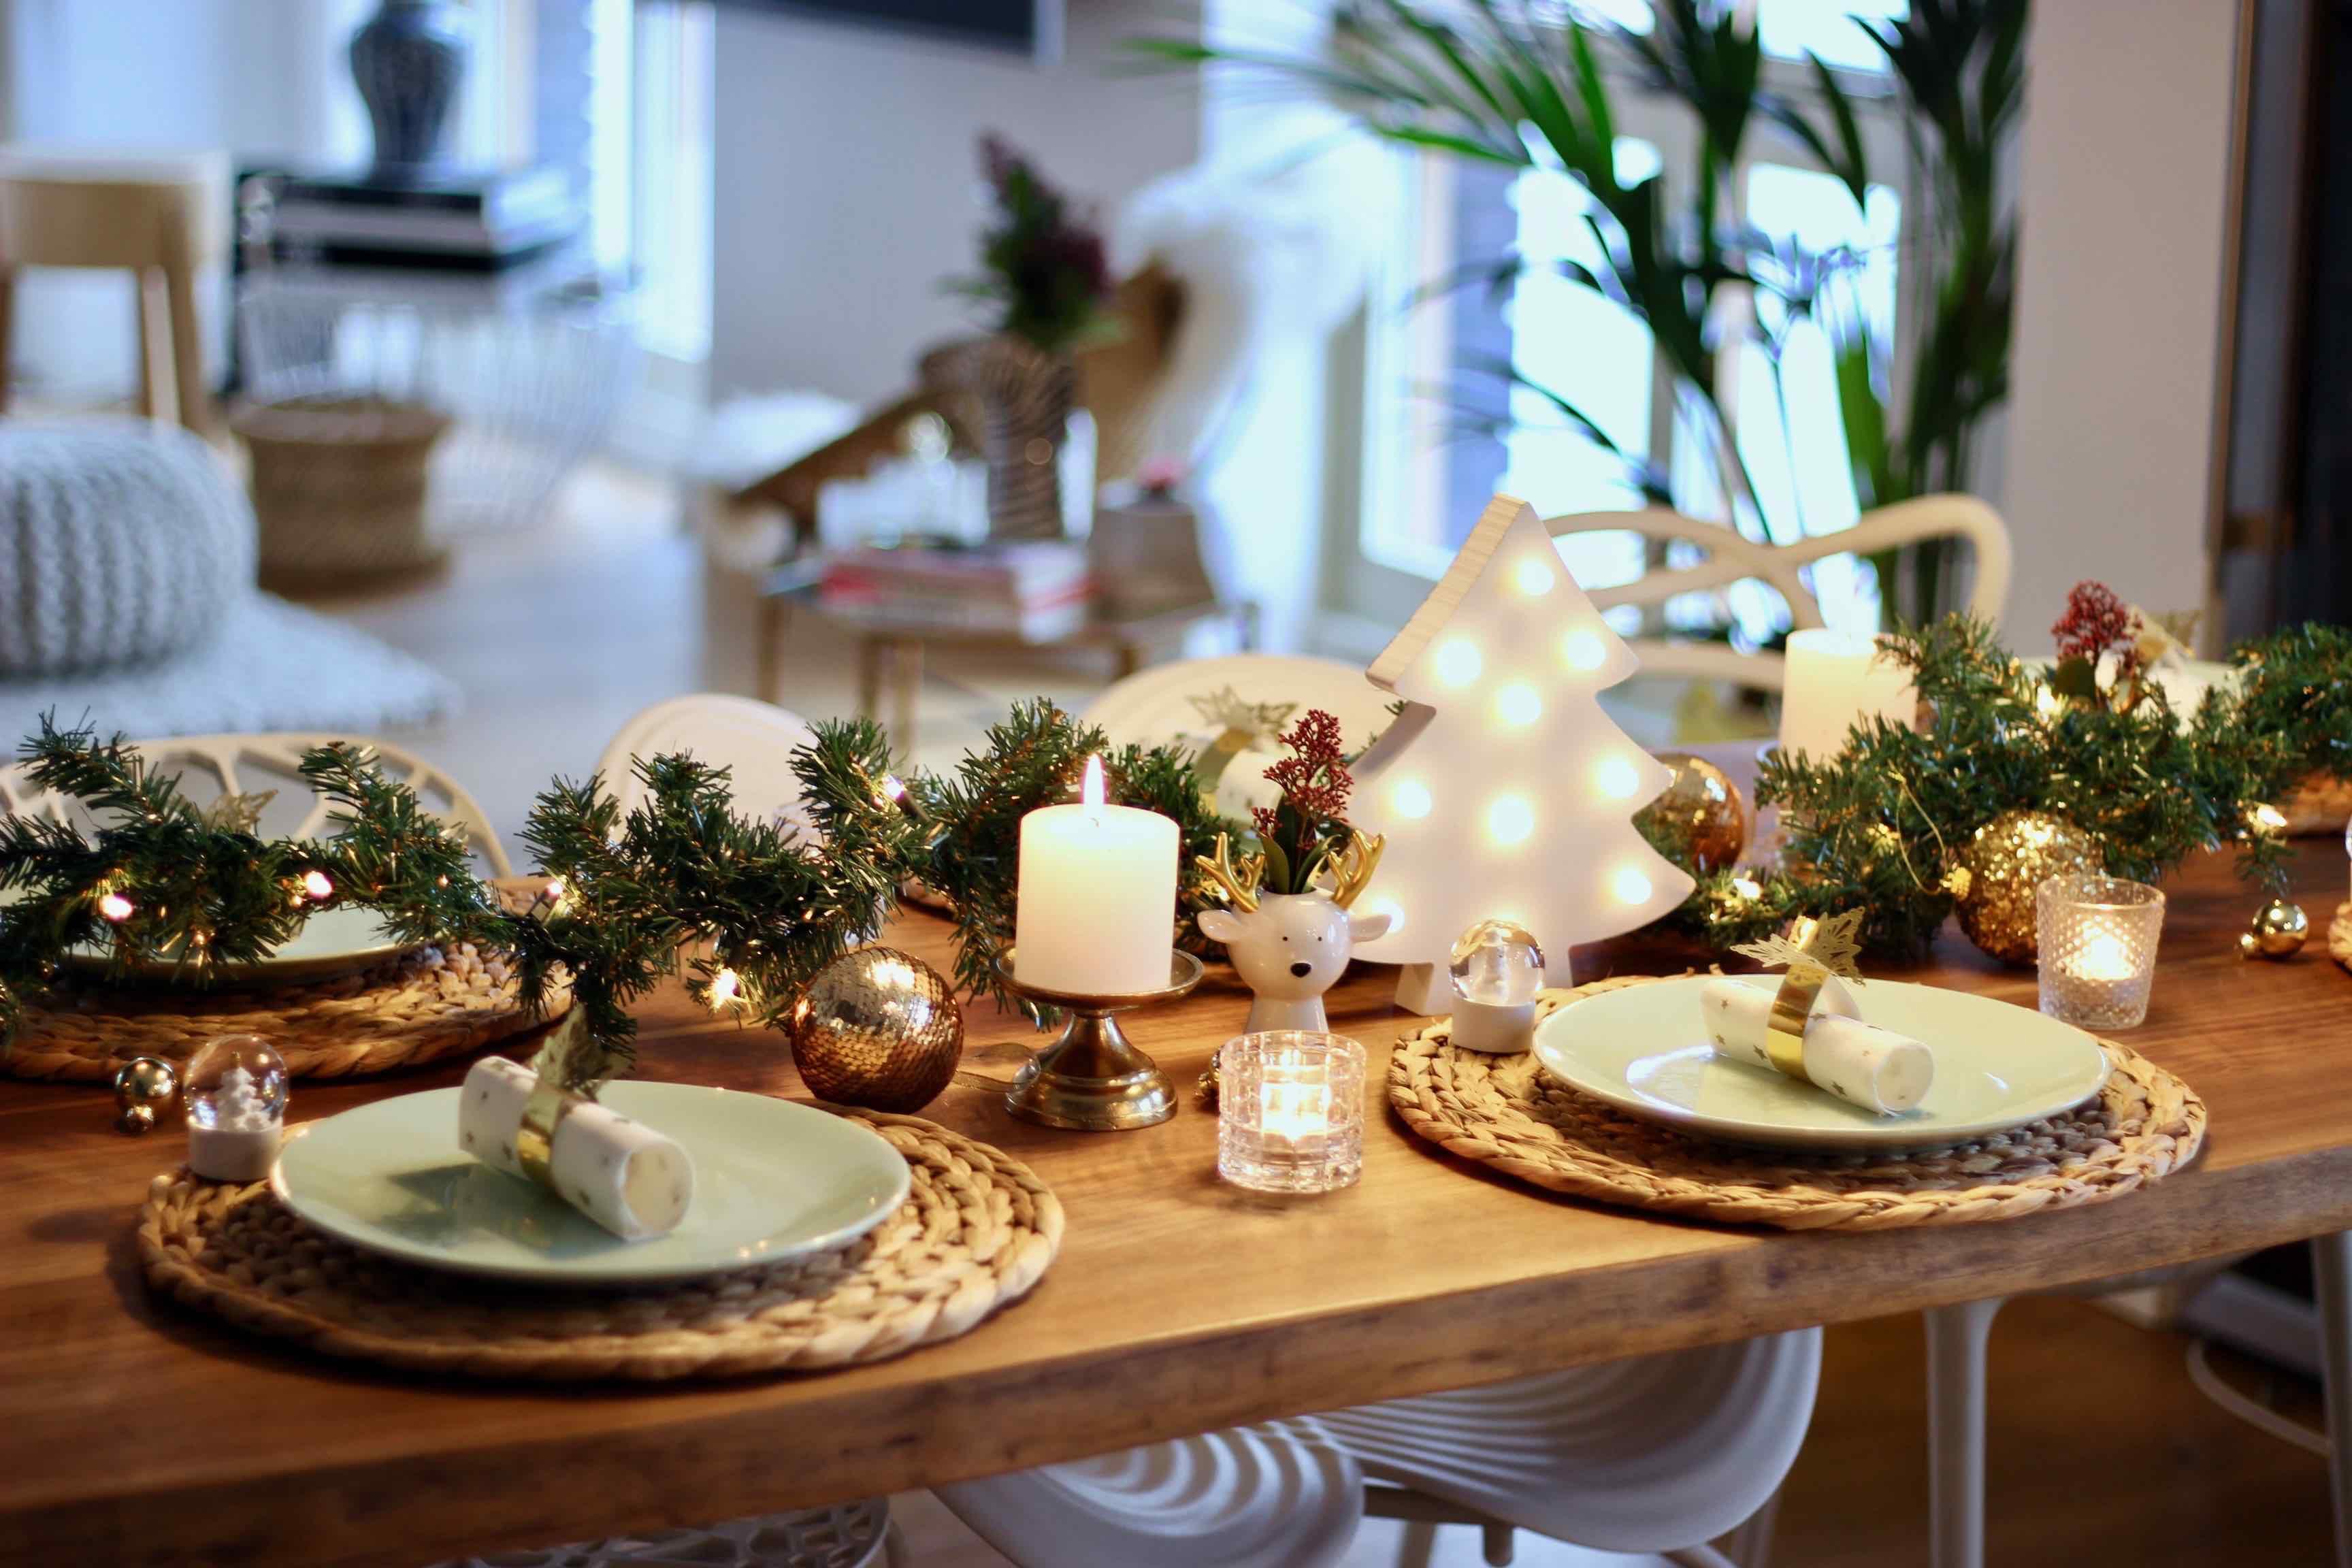 Simple with kerst ideeen voor in huis for Kerst ideeen voor in huis